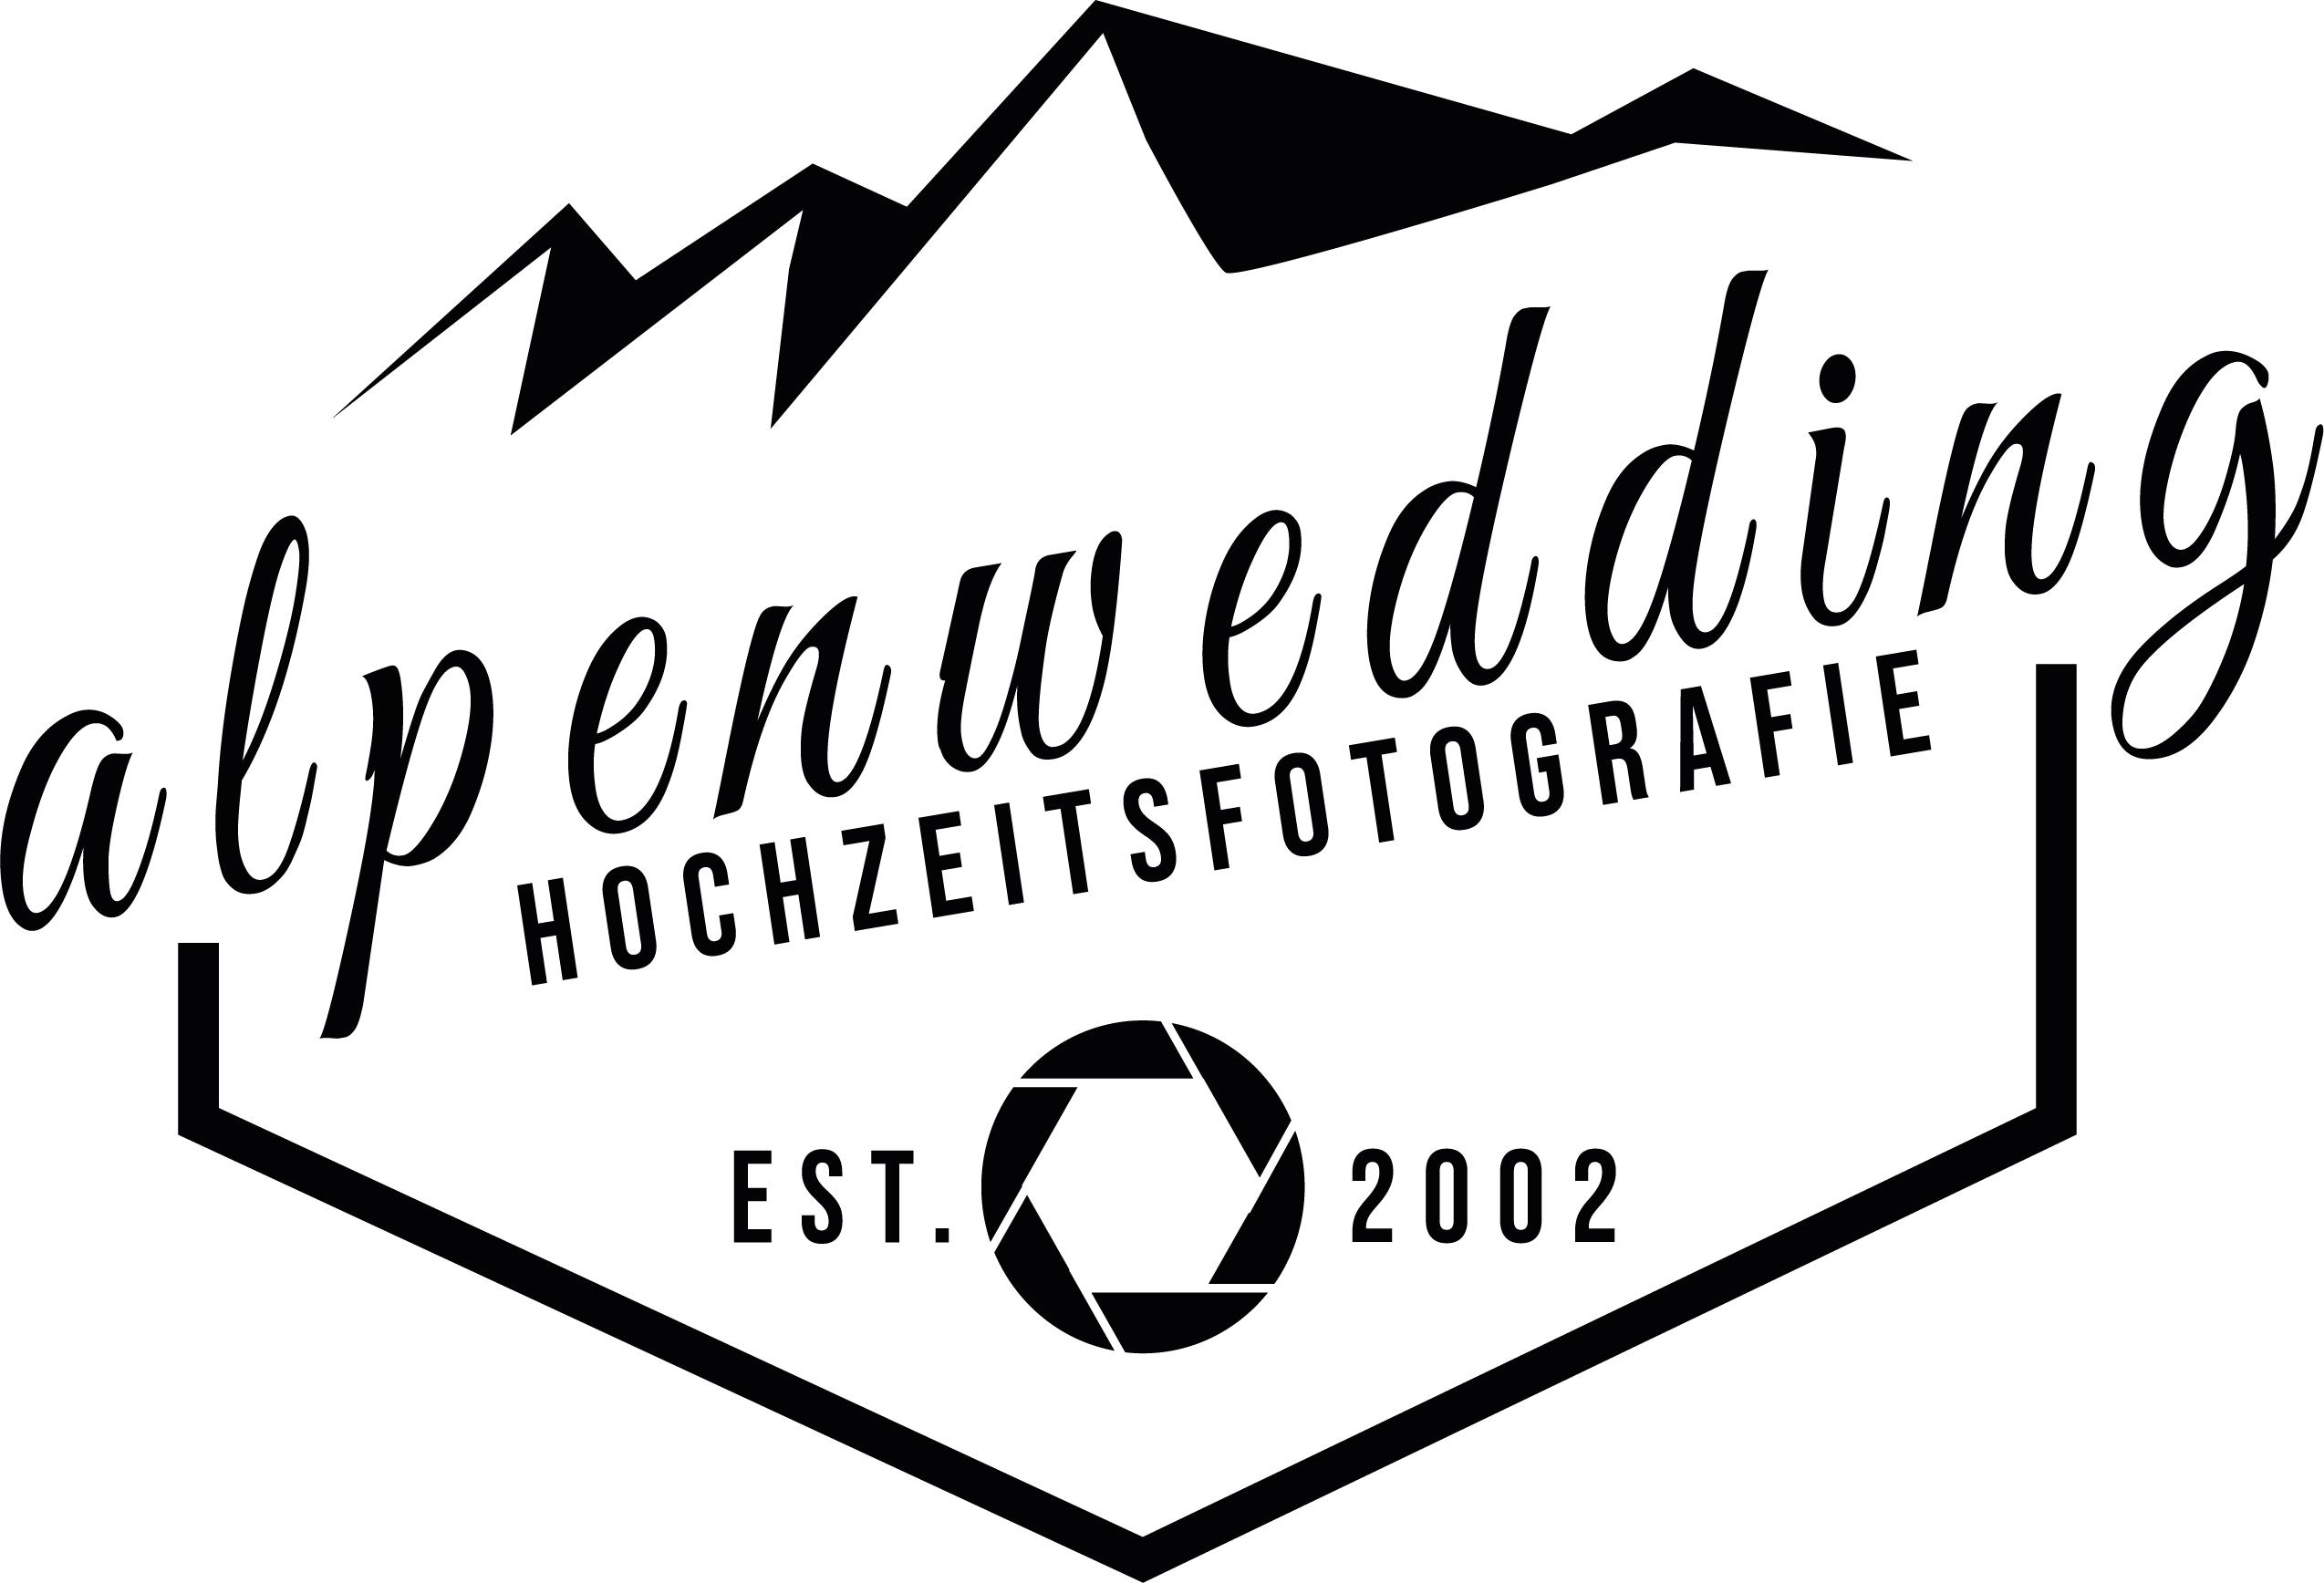 Alpenwedding Logo Partner von 4 weddings & events Hochzeitsplanung